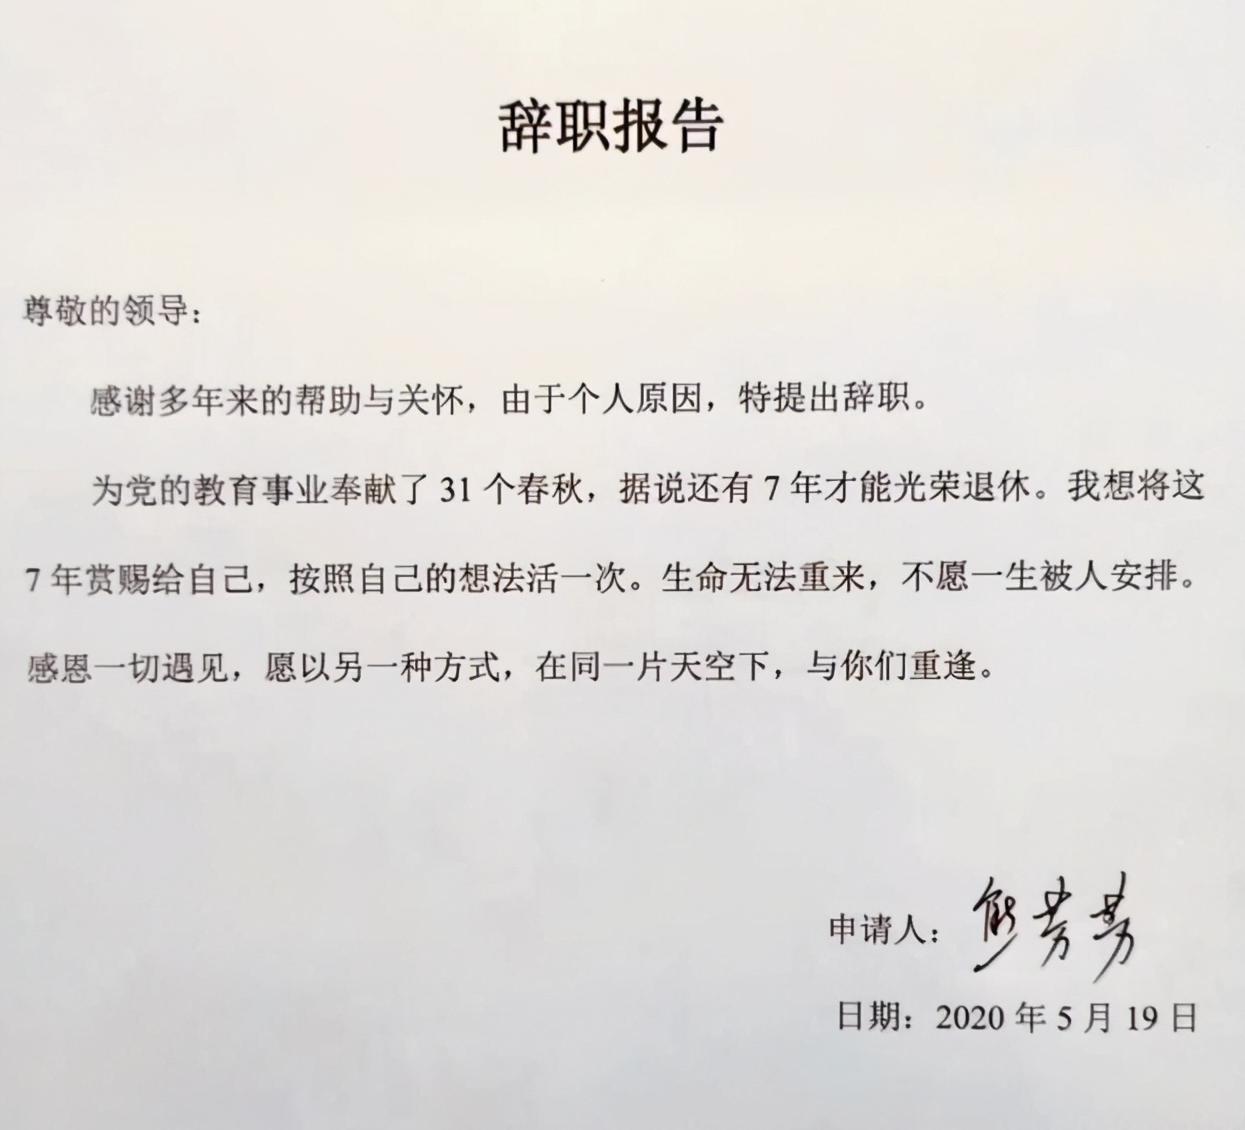 事业单位辞职最新规定(事业编不满服务期想走)-菏泽刑事律师电话免费咨询